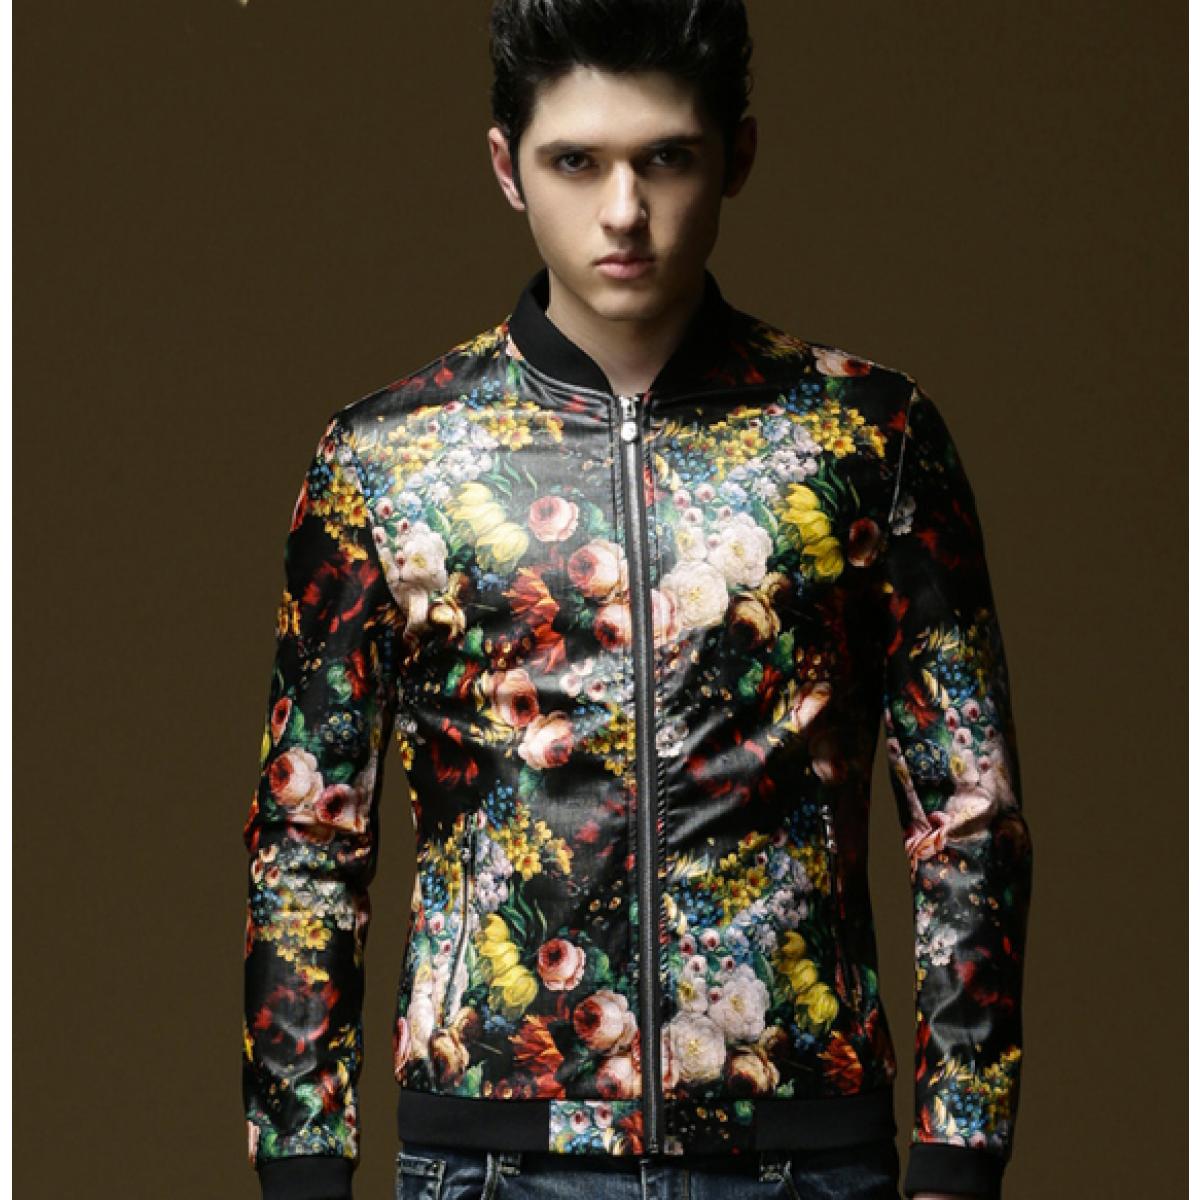 blouson motif floral homme